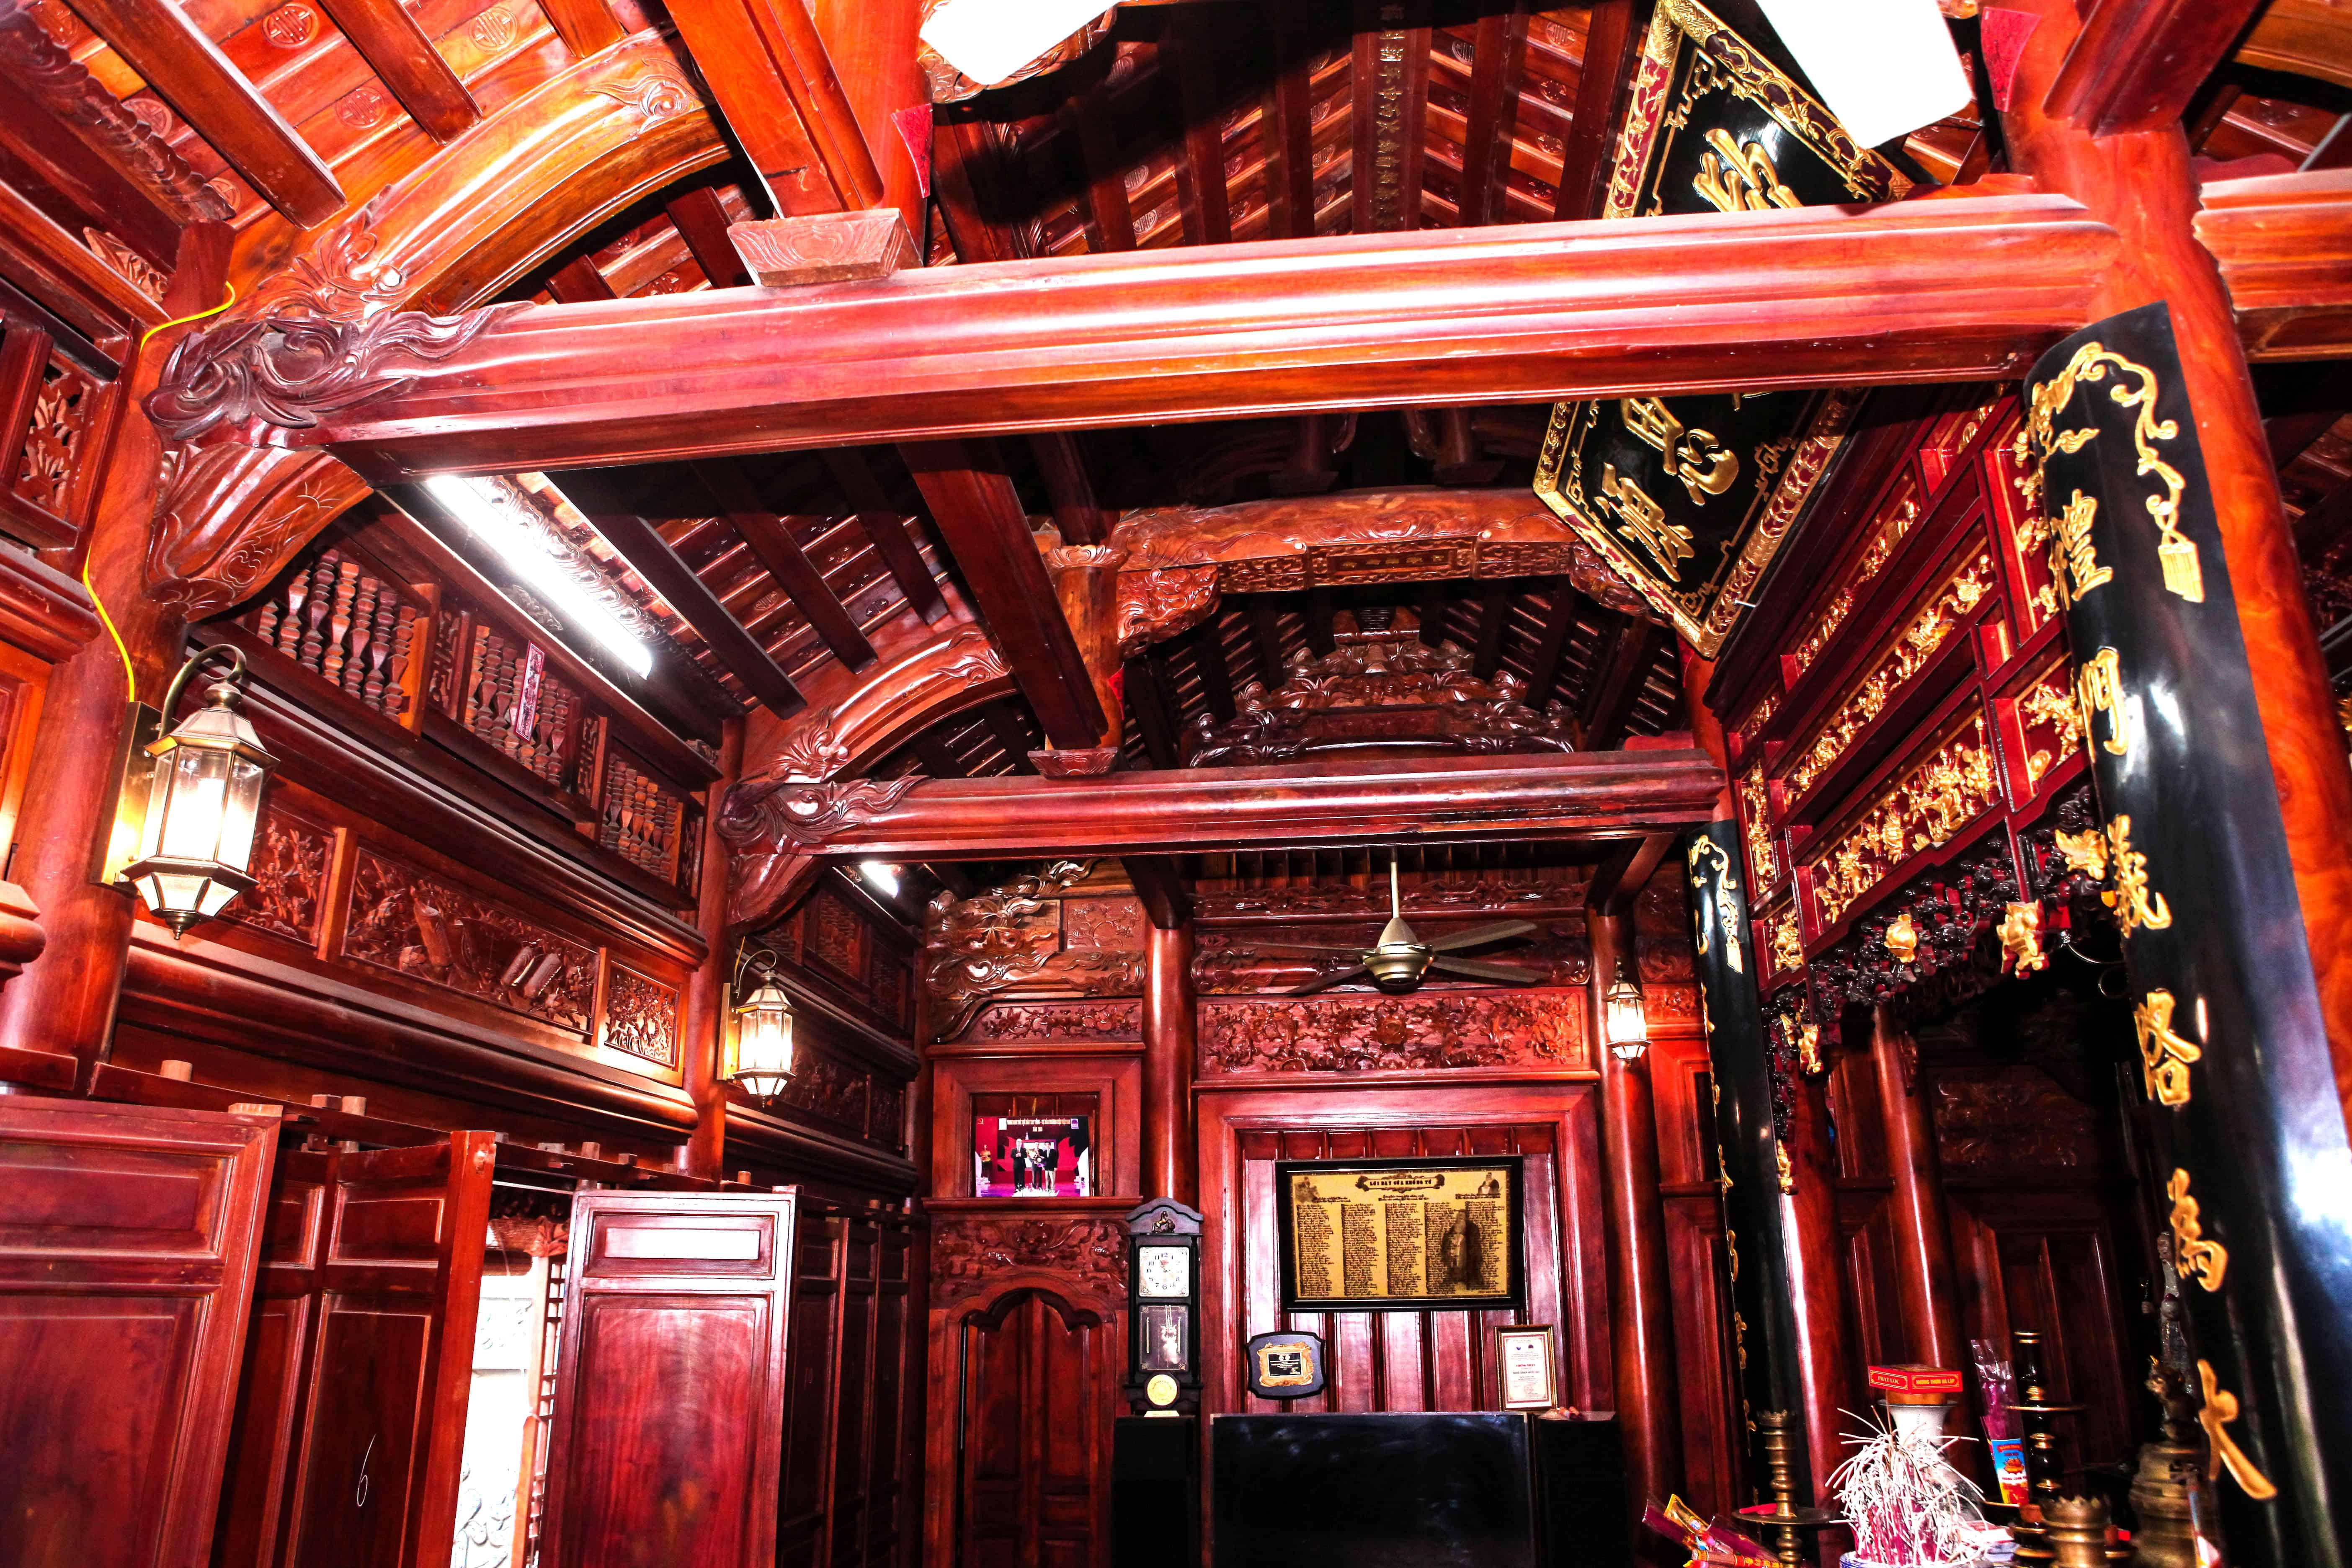 Những ngôi nhà làm bằng gỗ lim mang vẻ đẹp sang trọng cuốn hút